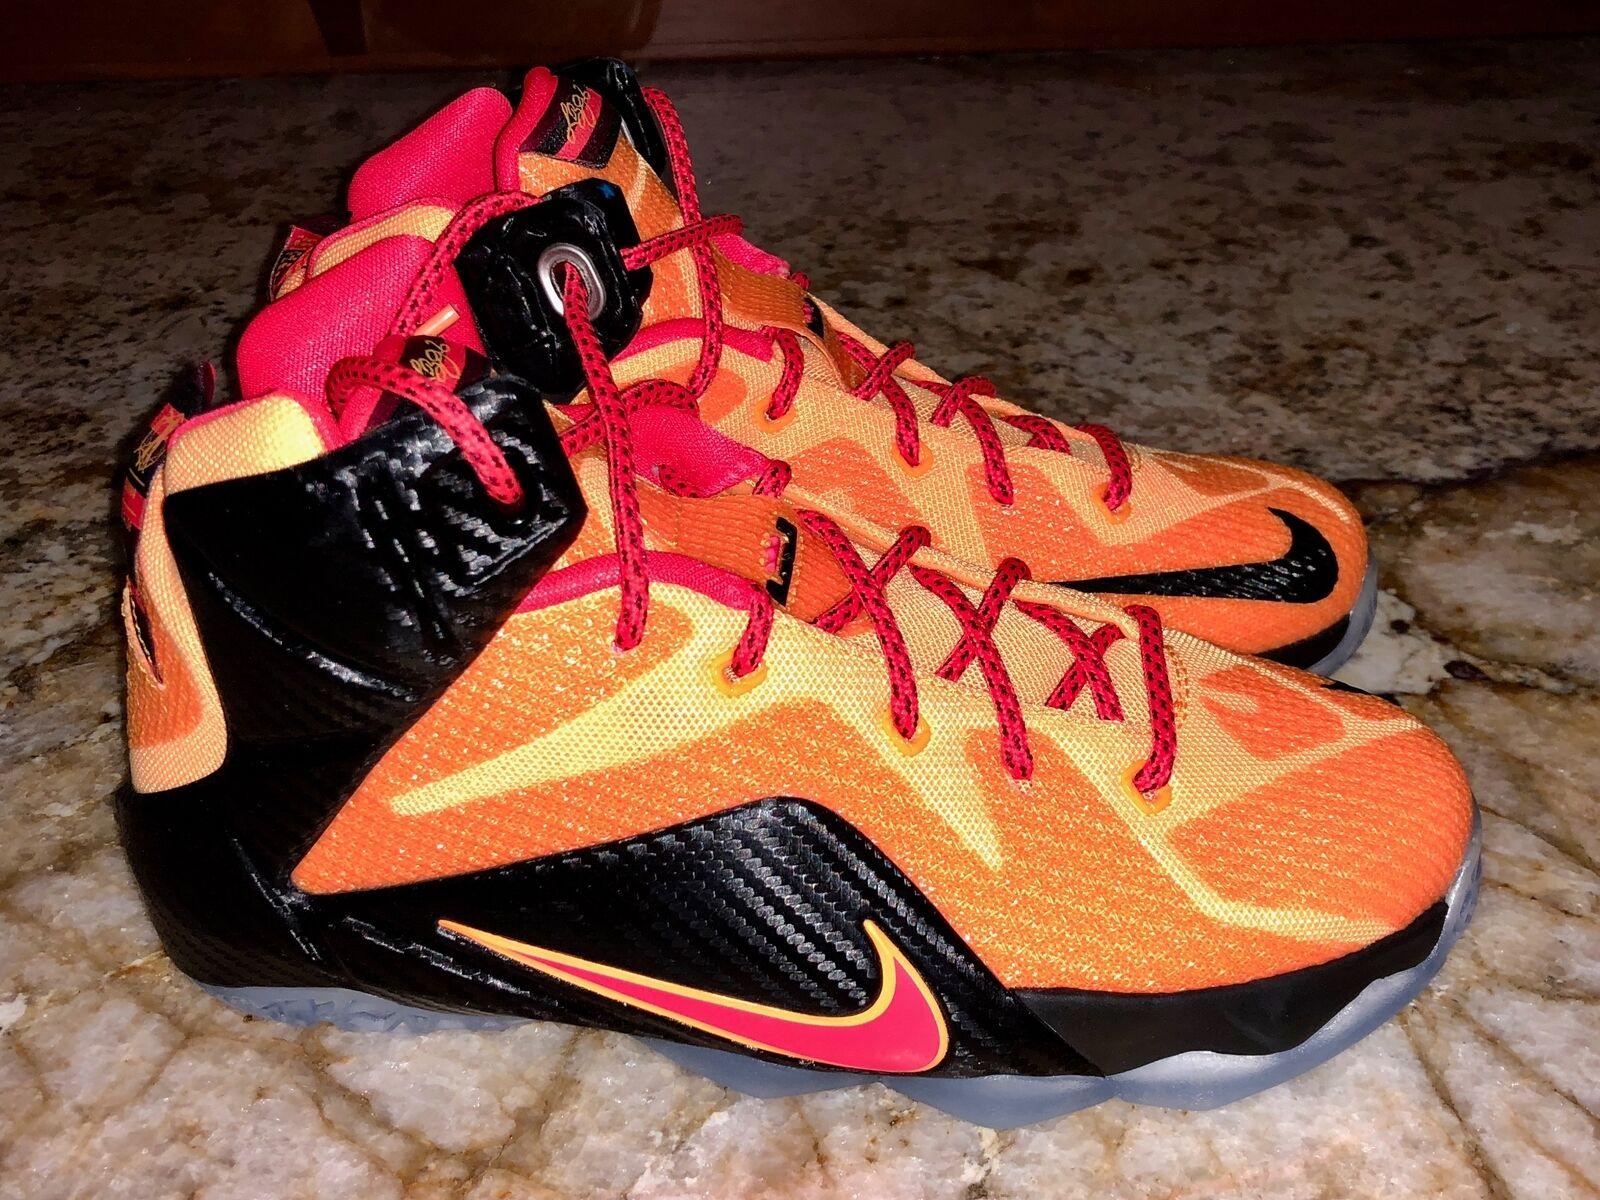 NIKE LeBron XII 12 Laser Orange Black